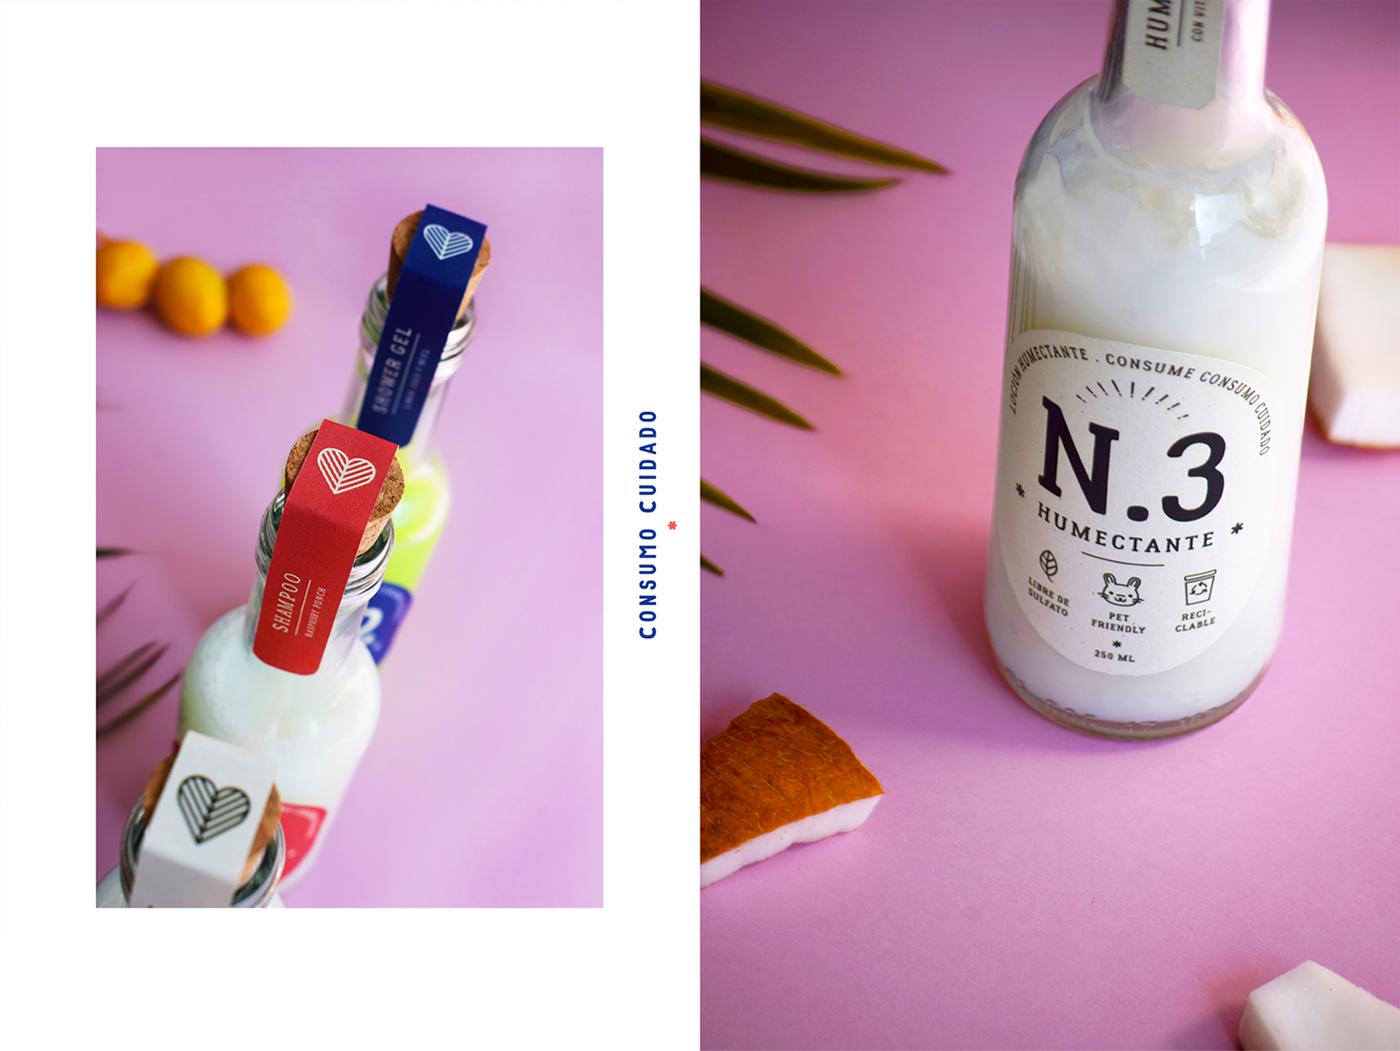 lima peru organic natural pattern shampoo cosmetics eco